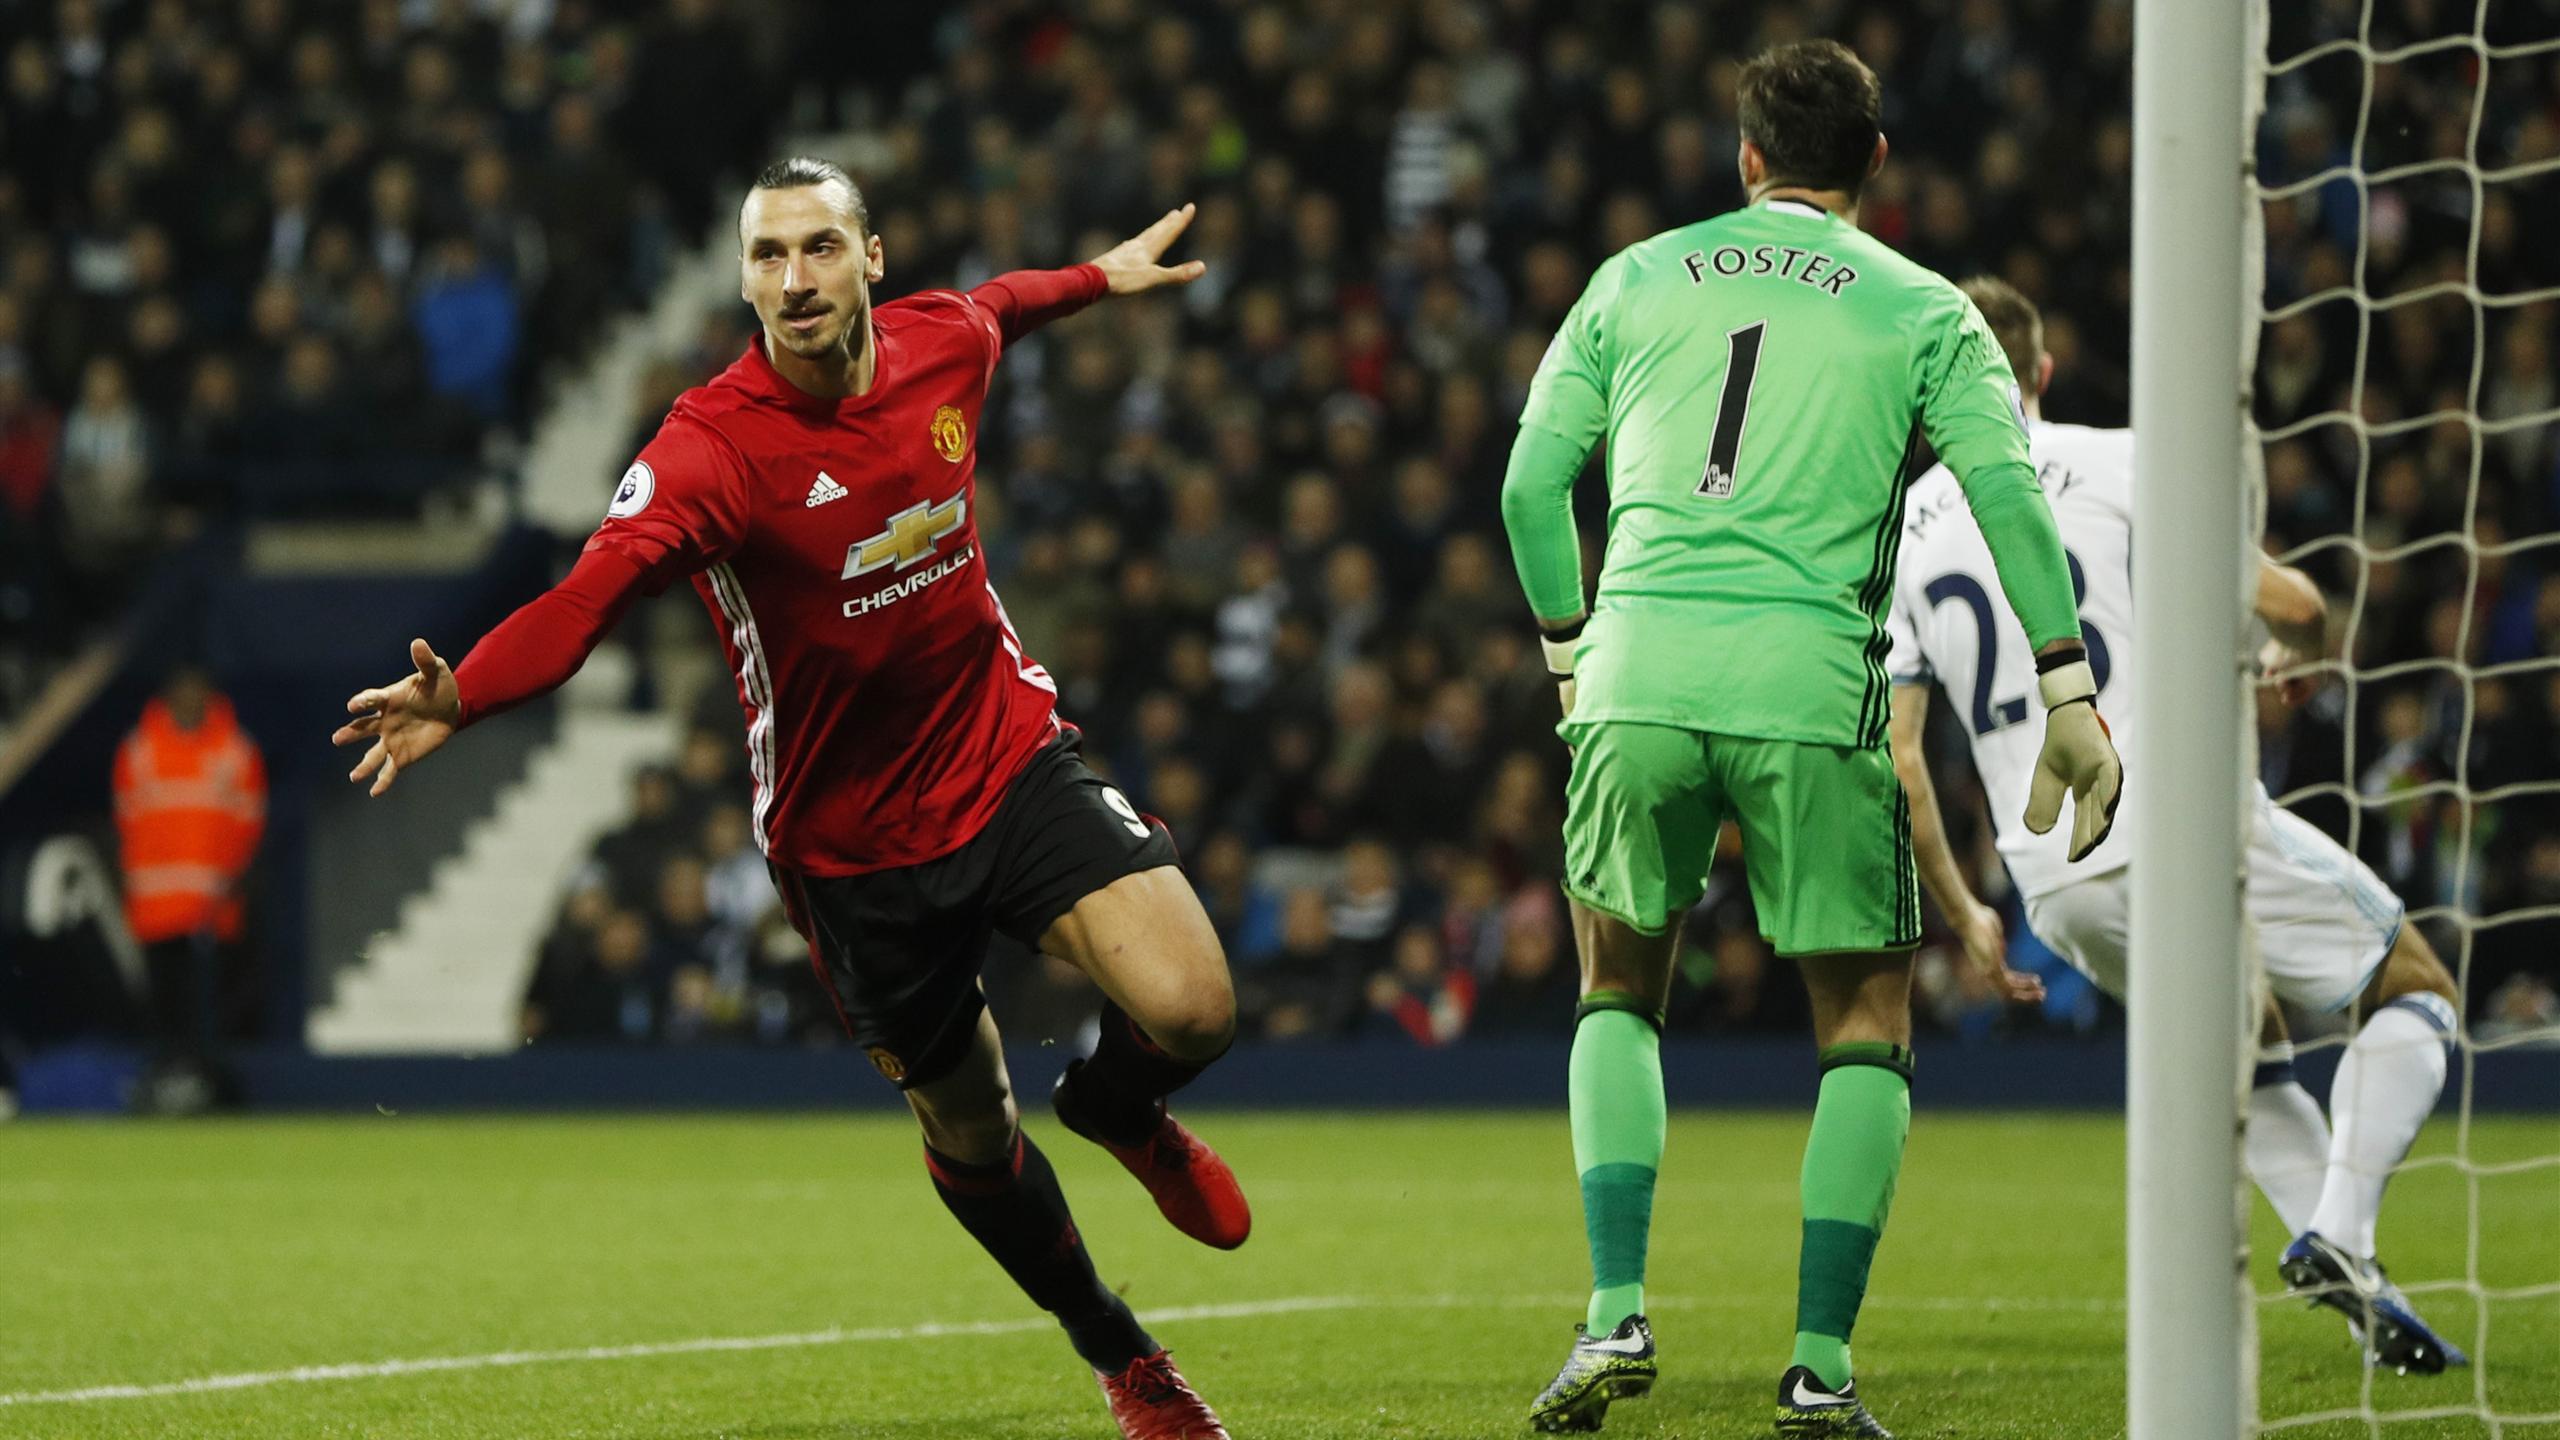 Manchester United's Zlatan Ibrahimovic celebrates scoring